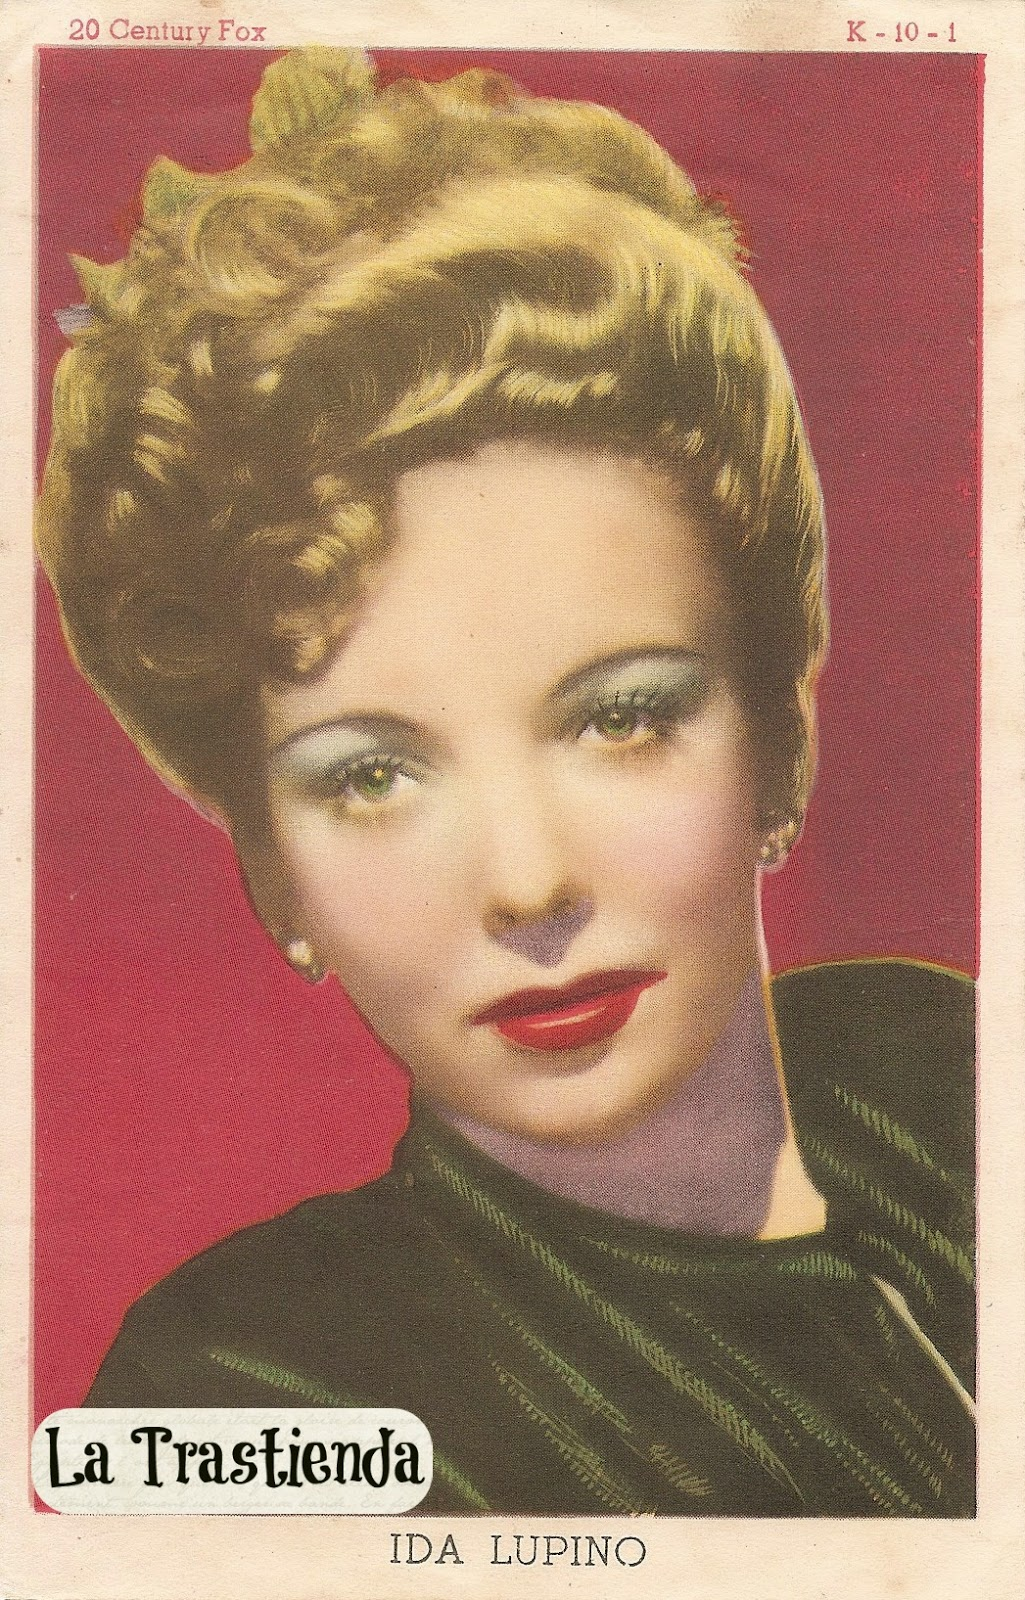 Retrato antiguo de Ida Lupino